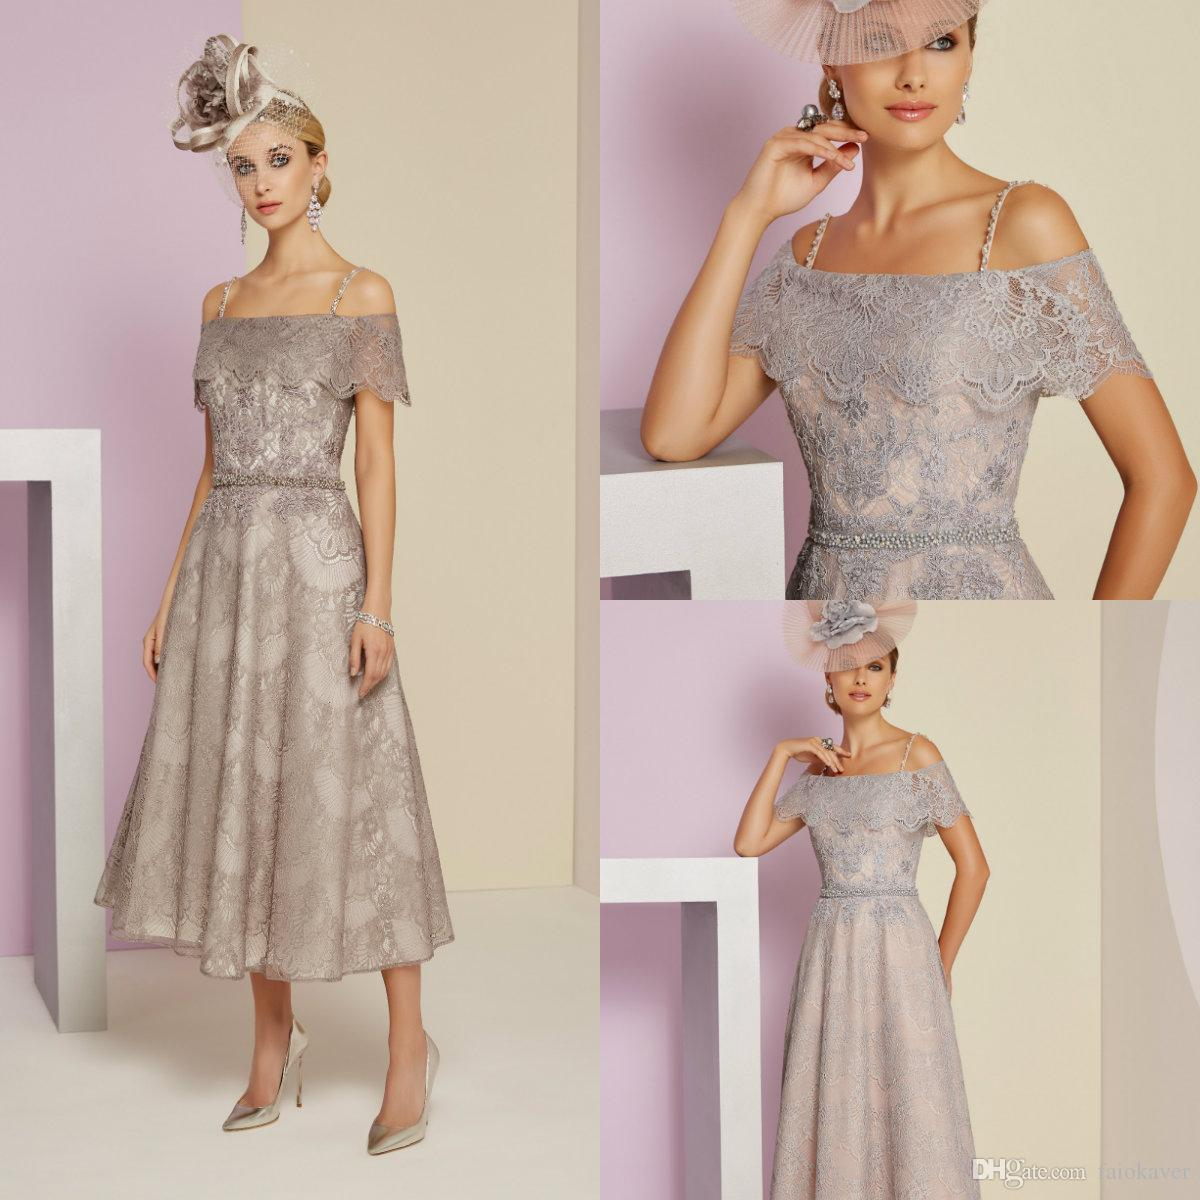 2019 Chic Madre de los vestidos de novia Spaghetti Off Shoulder Sin mangas Longitud de té Vestido de fiesta elegante Boda formal Vestidos de invitados baratos